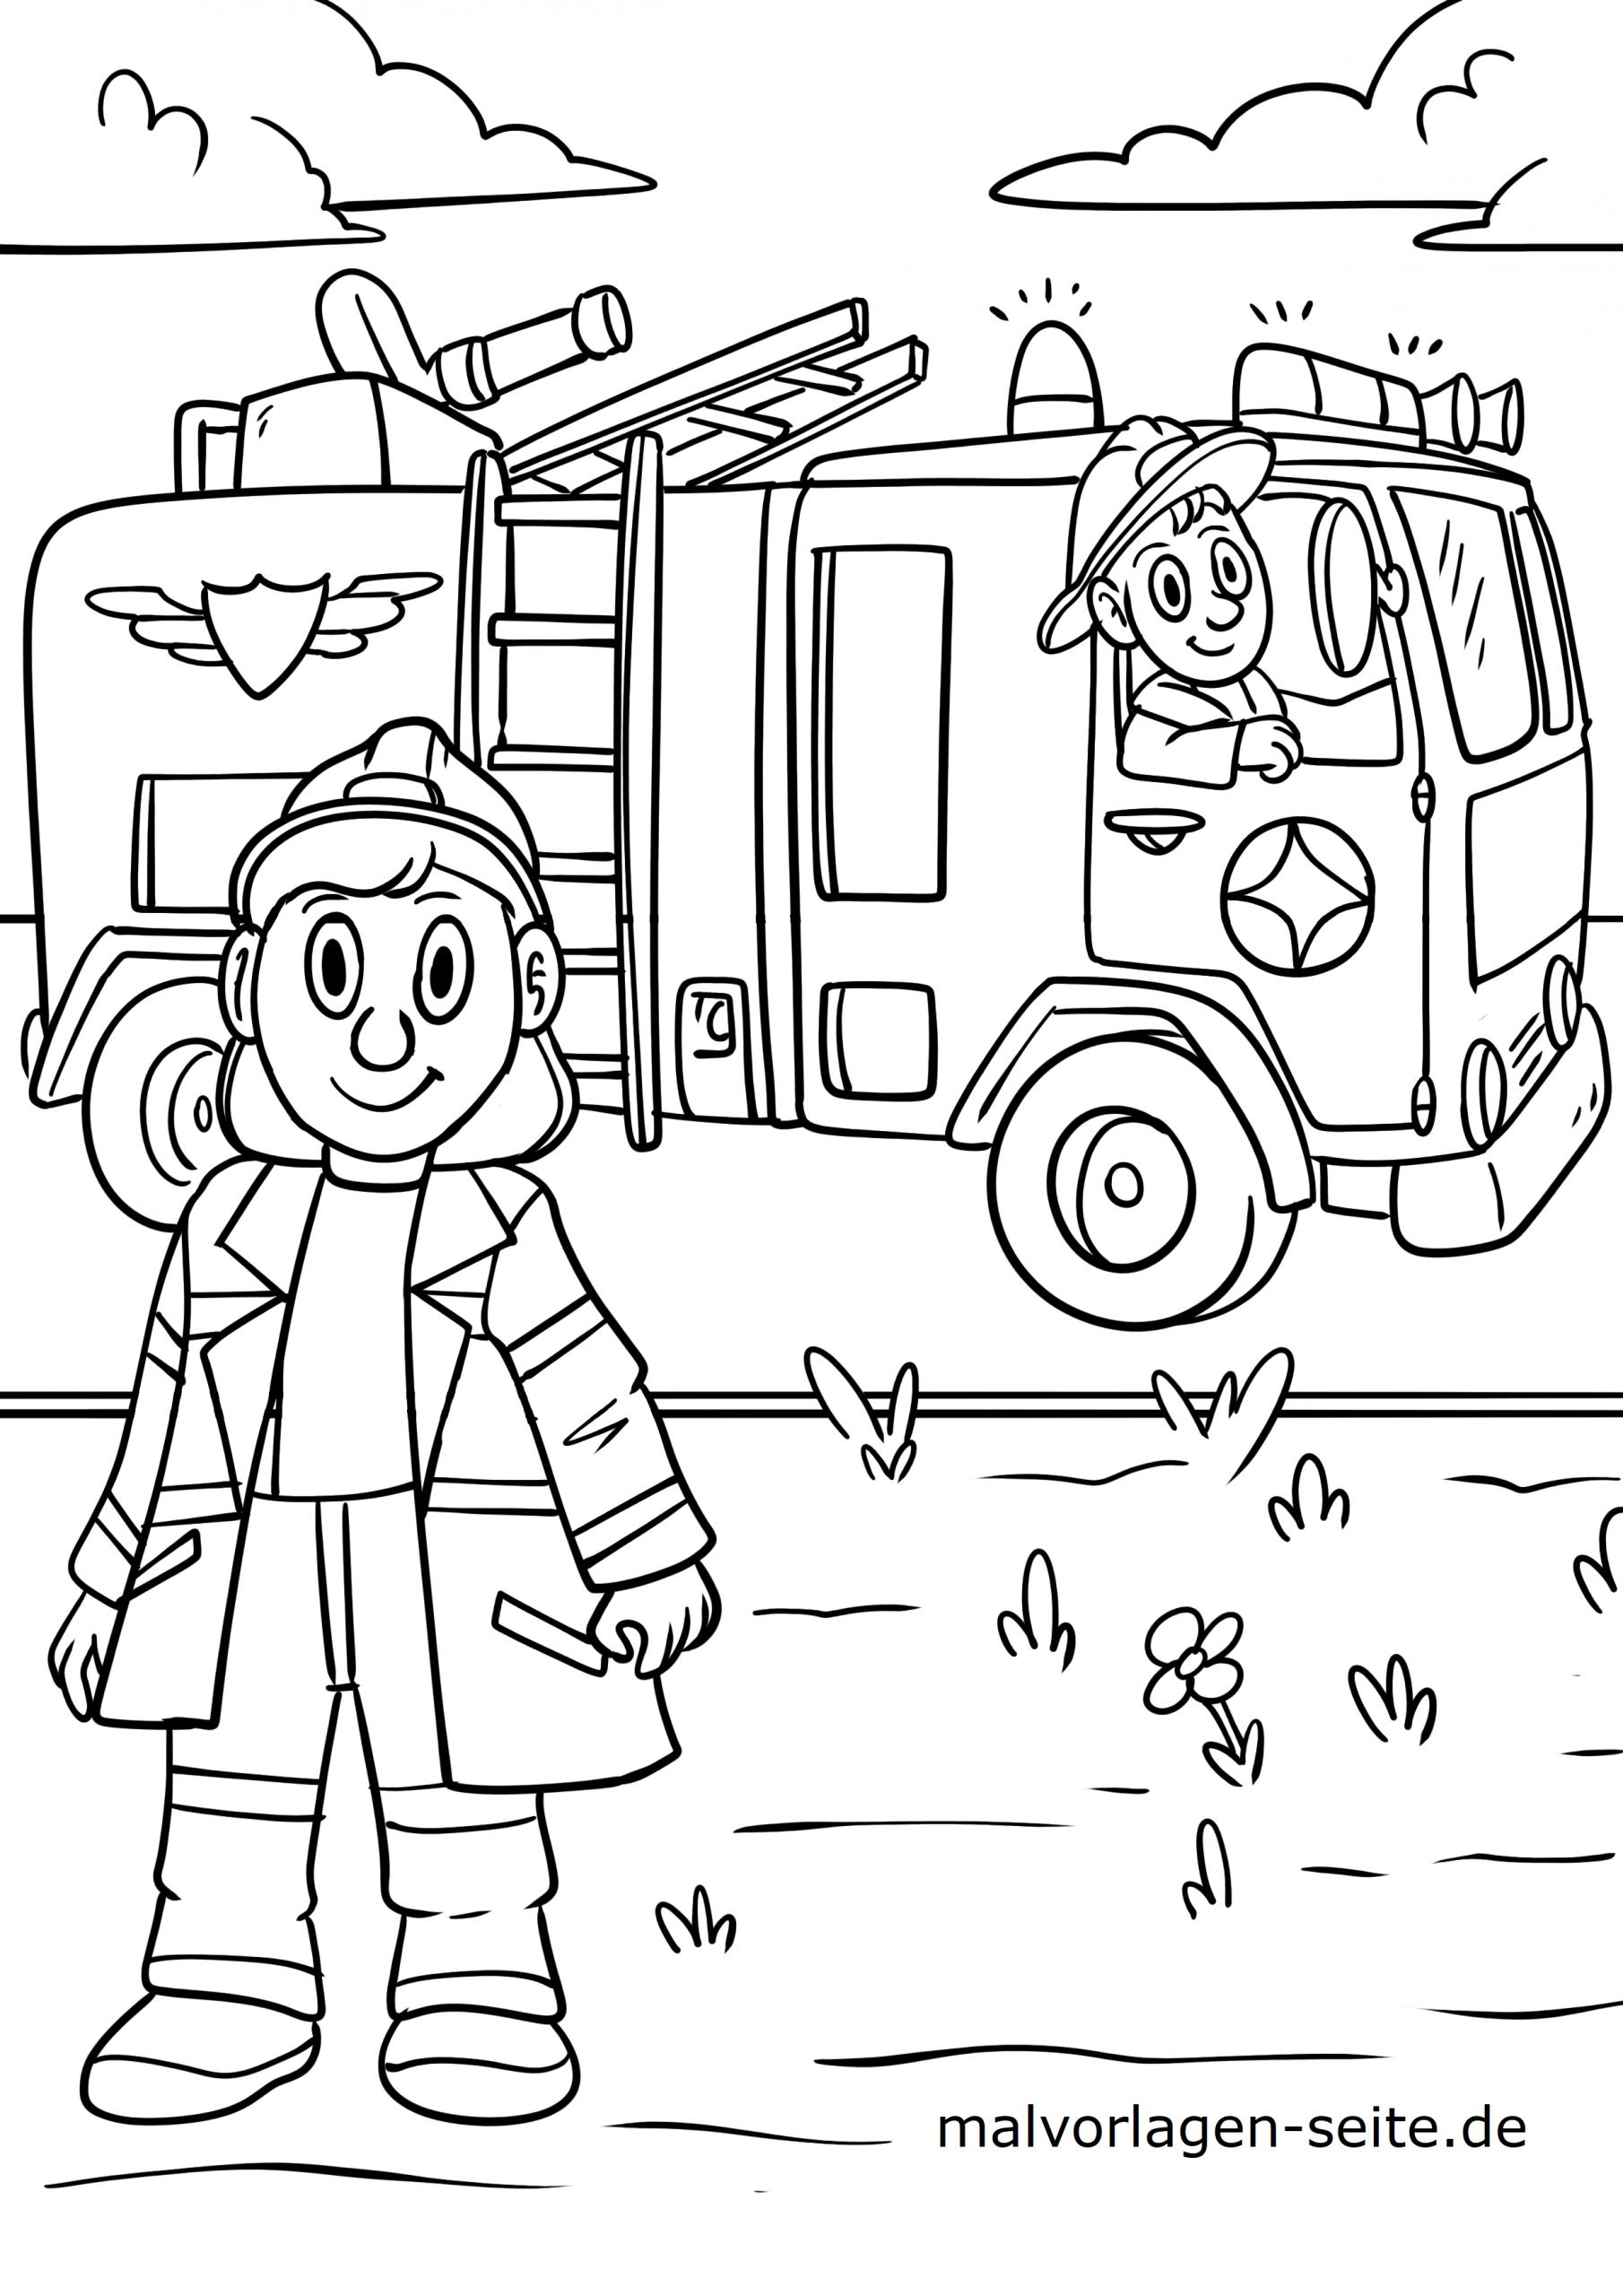 Malvorlage Feuerwehr - Ausmalbilder Kostenlos Herunterladen bestimmt für Malvorlage Feuerwehr